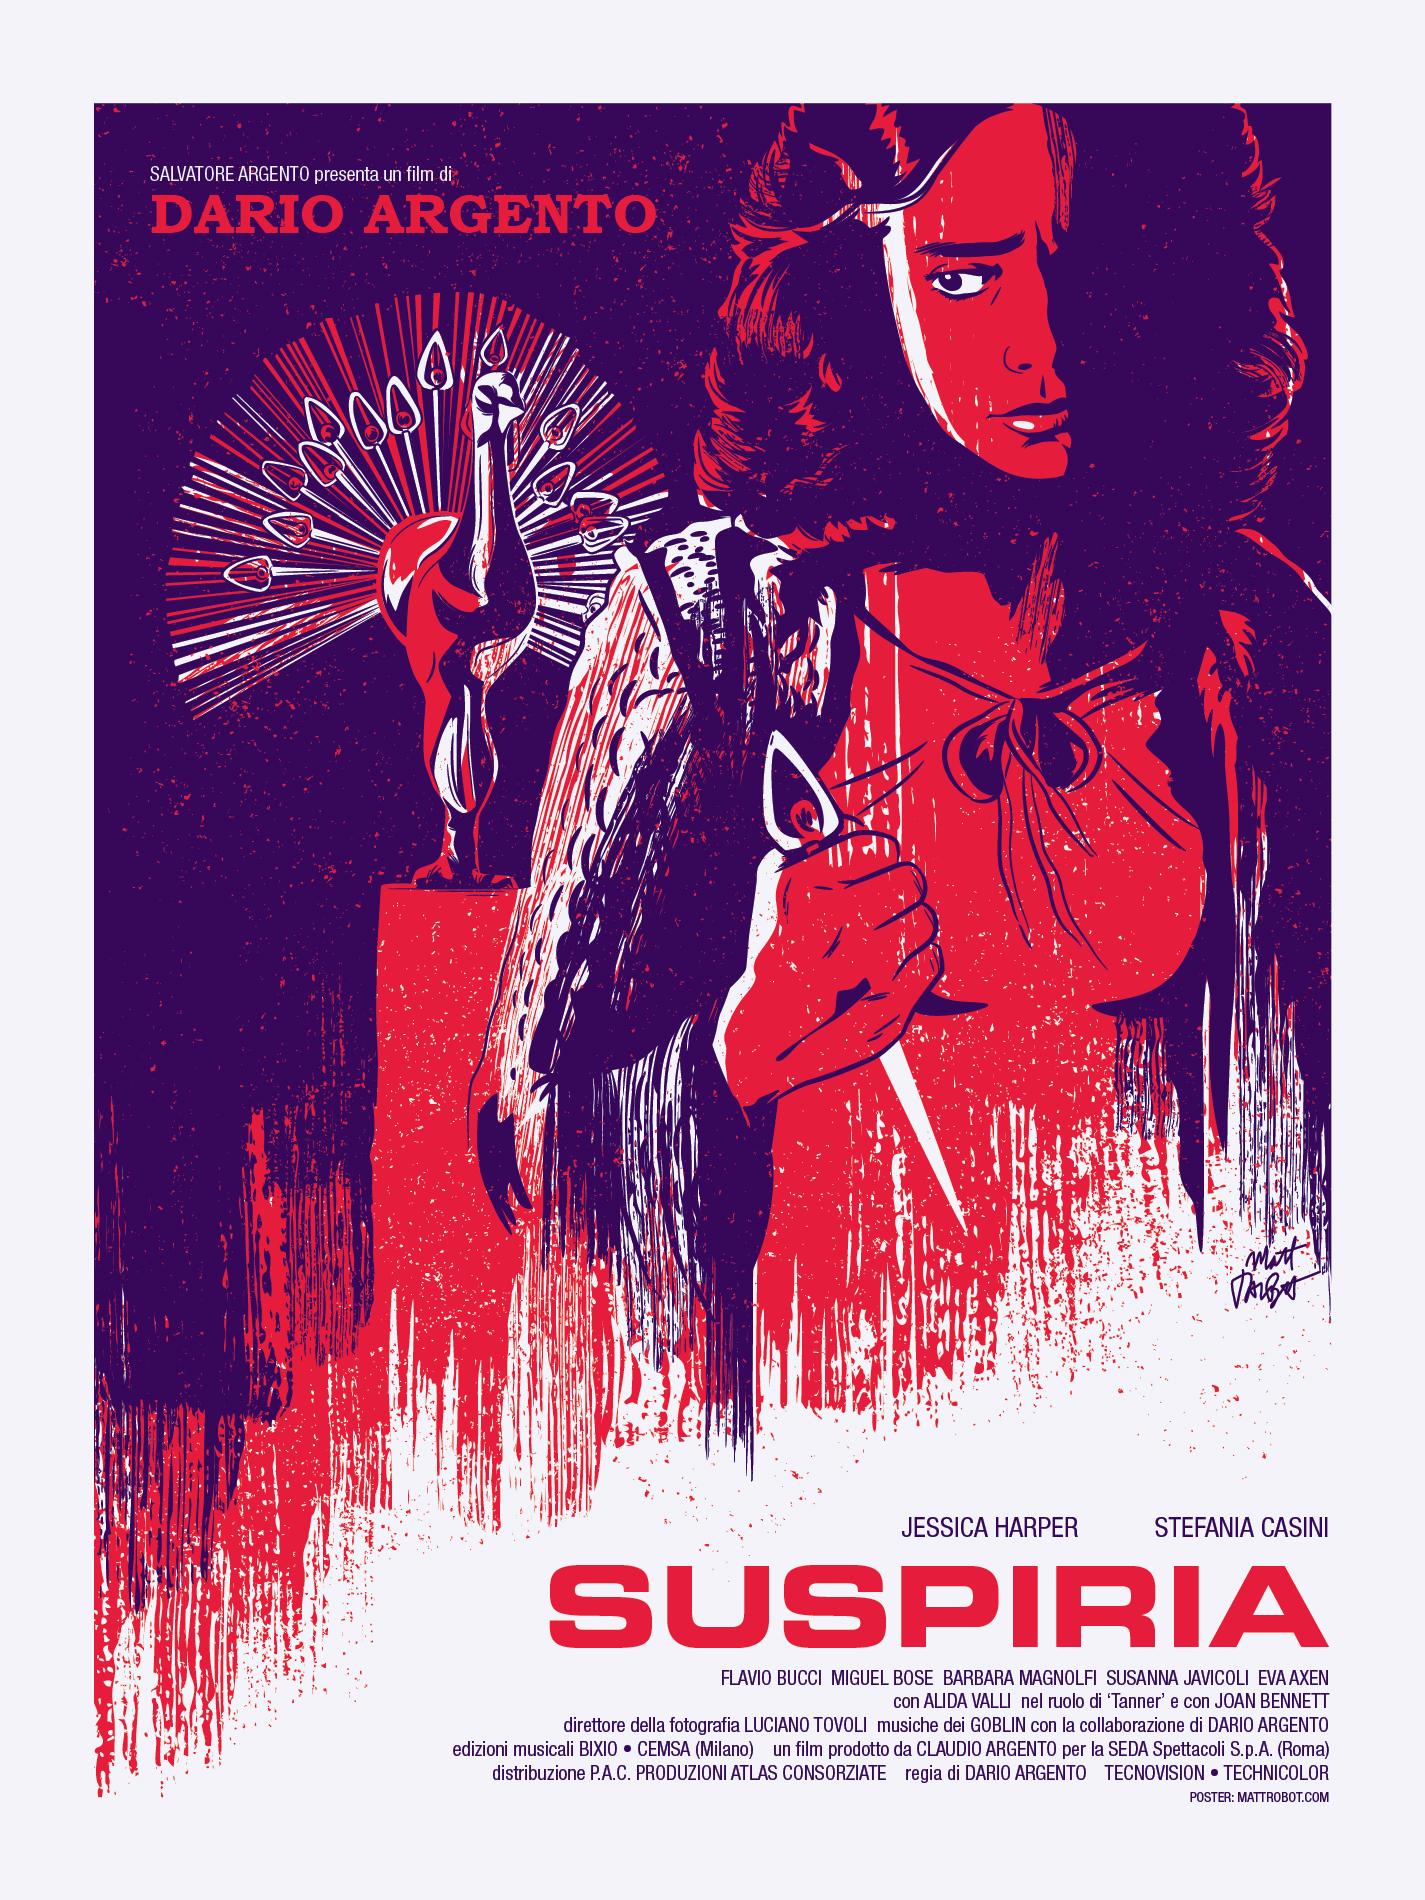 Dario Argento's Suspiria poster by Matt Talbot